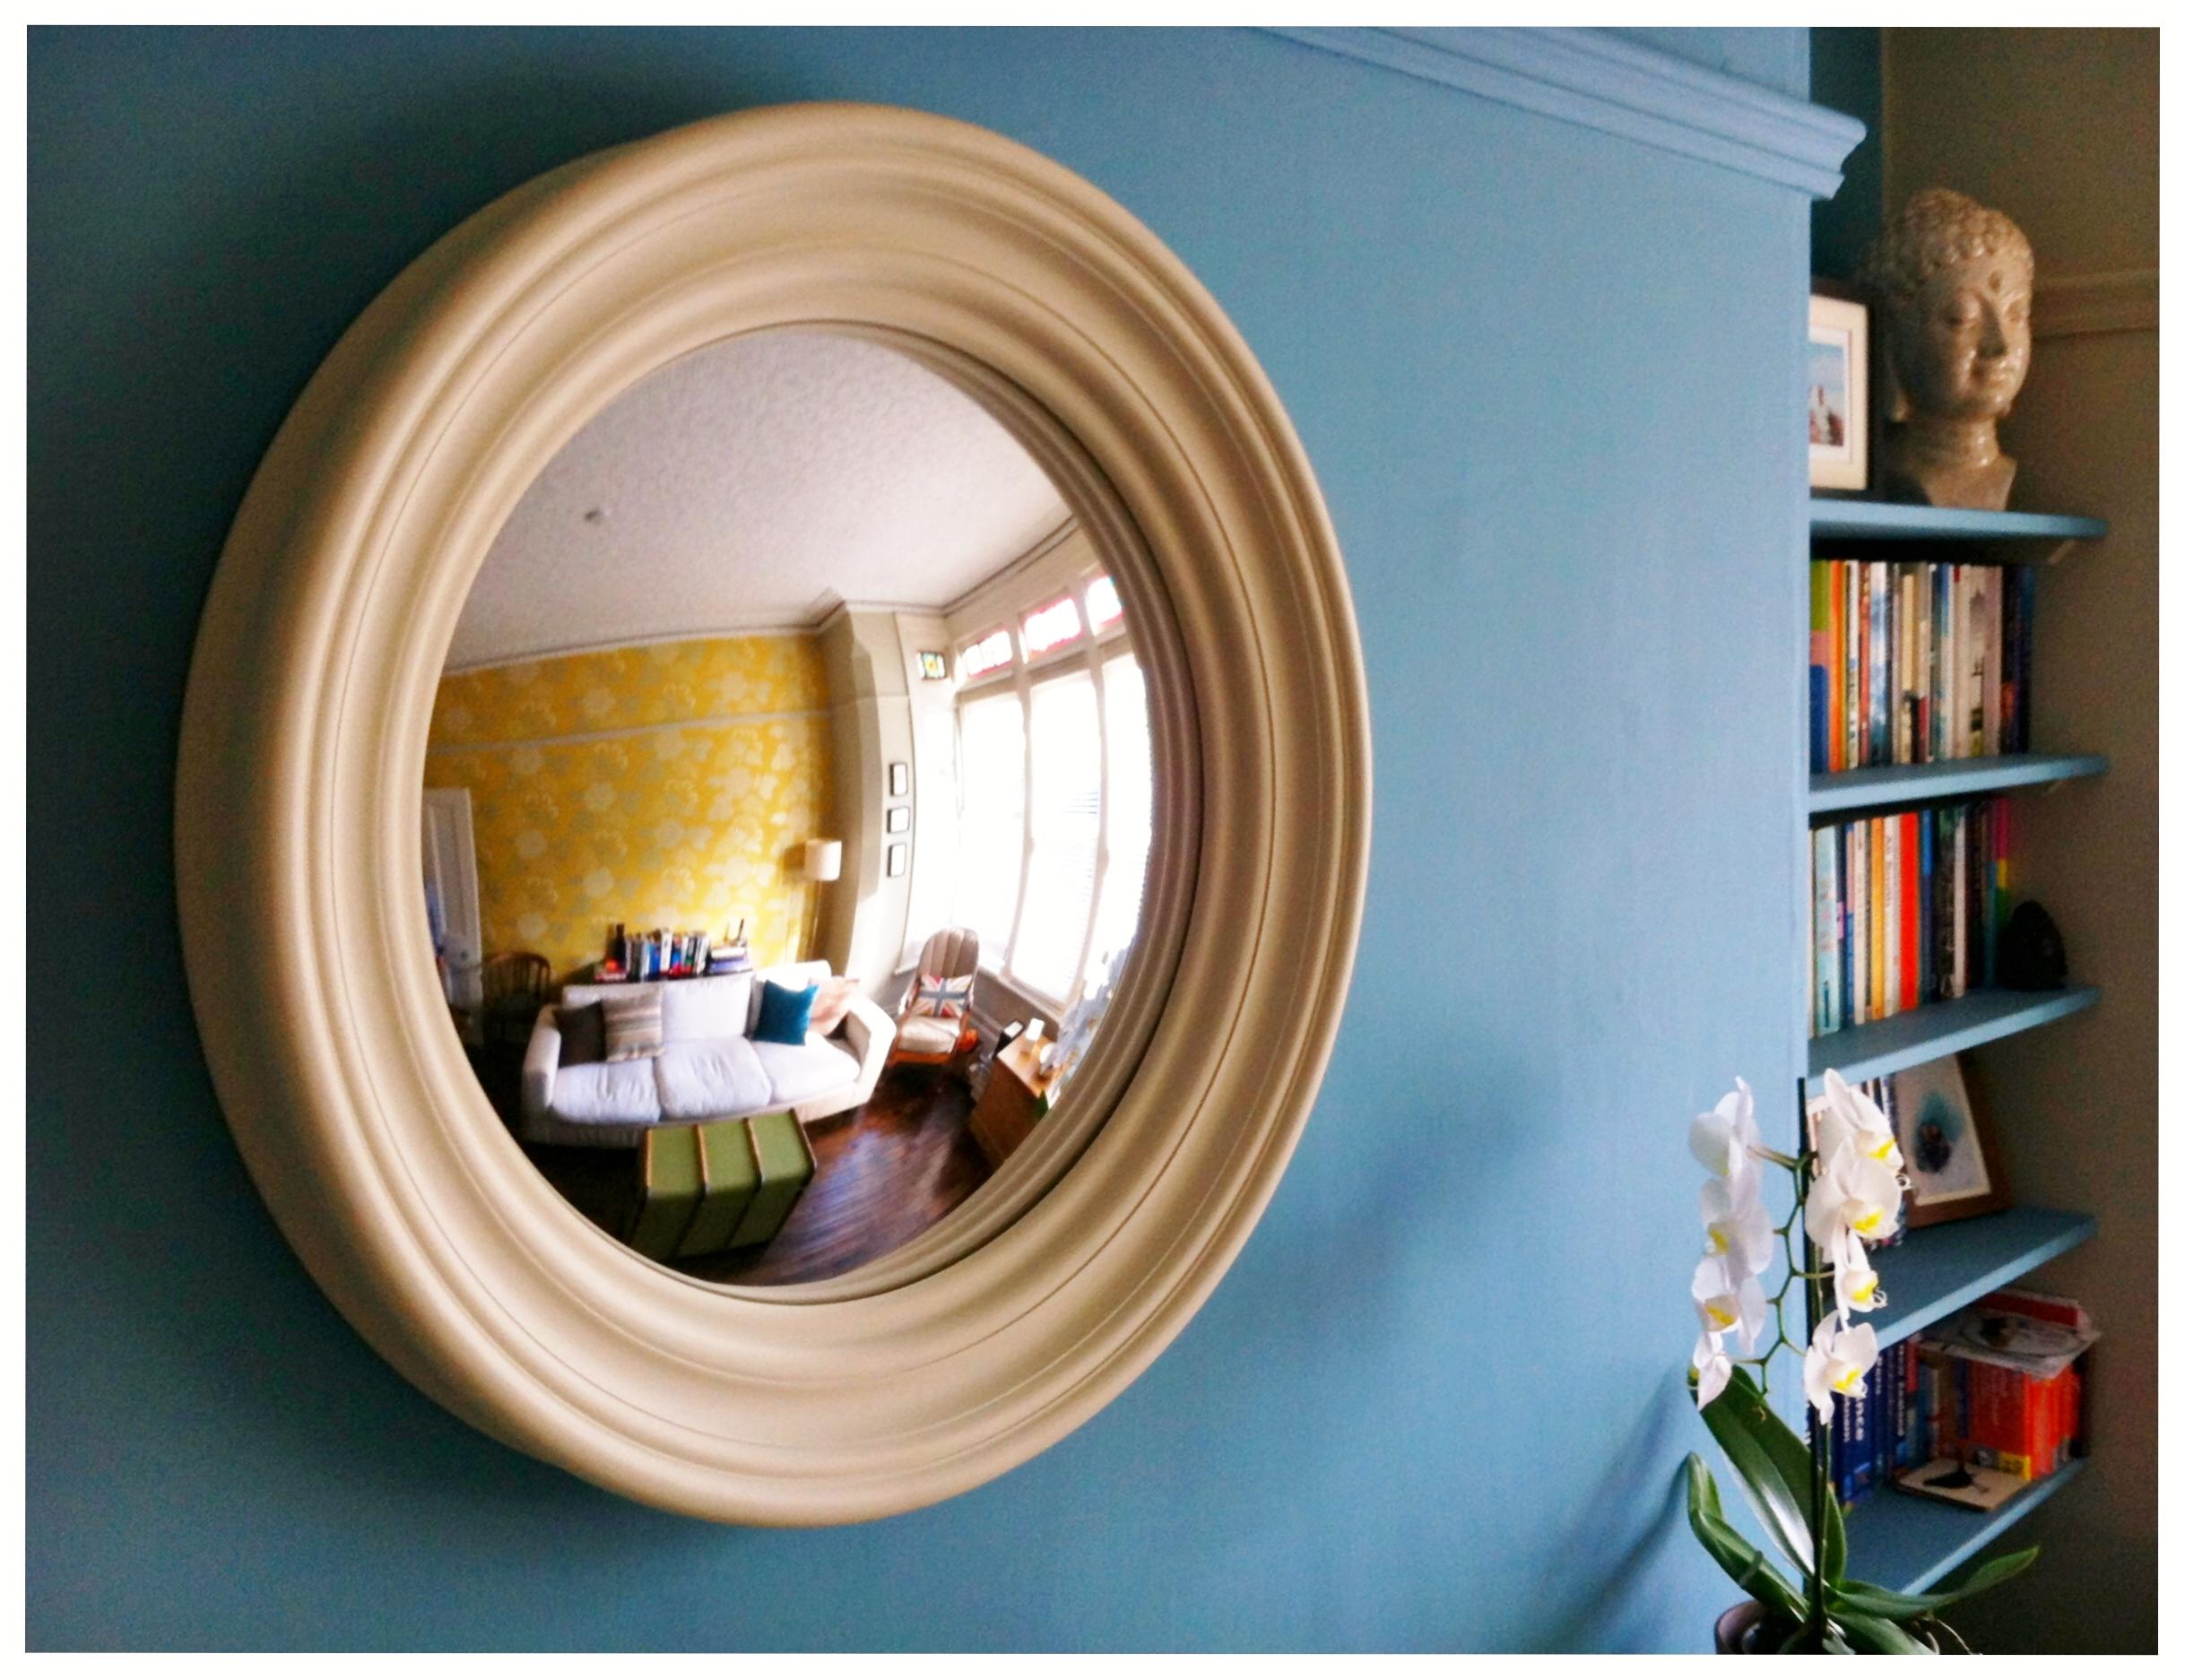 Medium Roma Convex Mirror